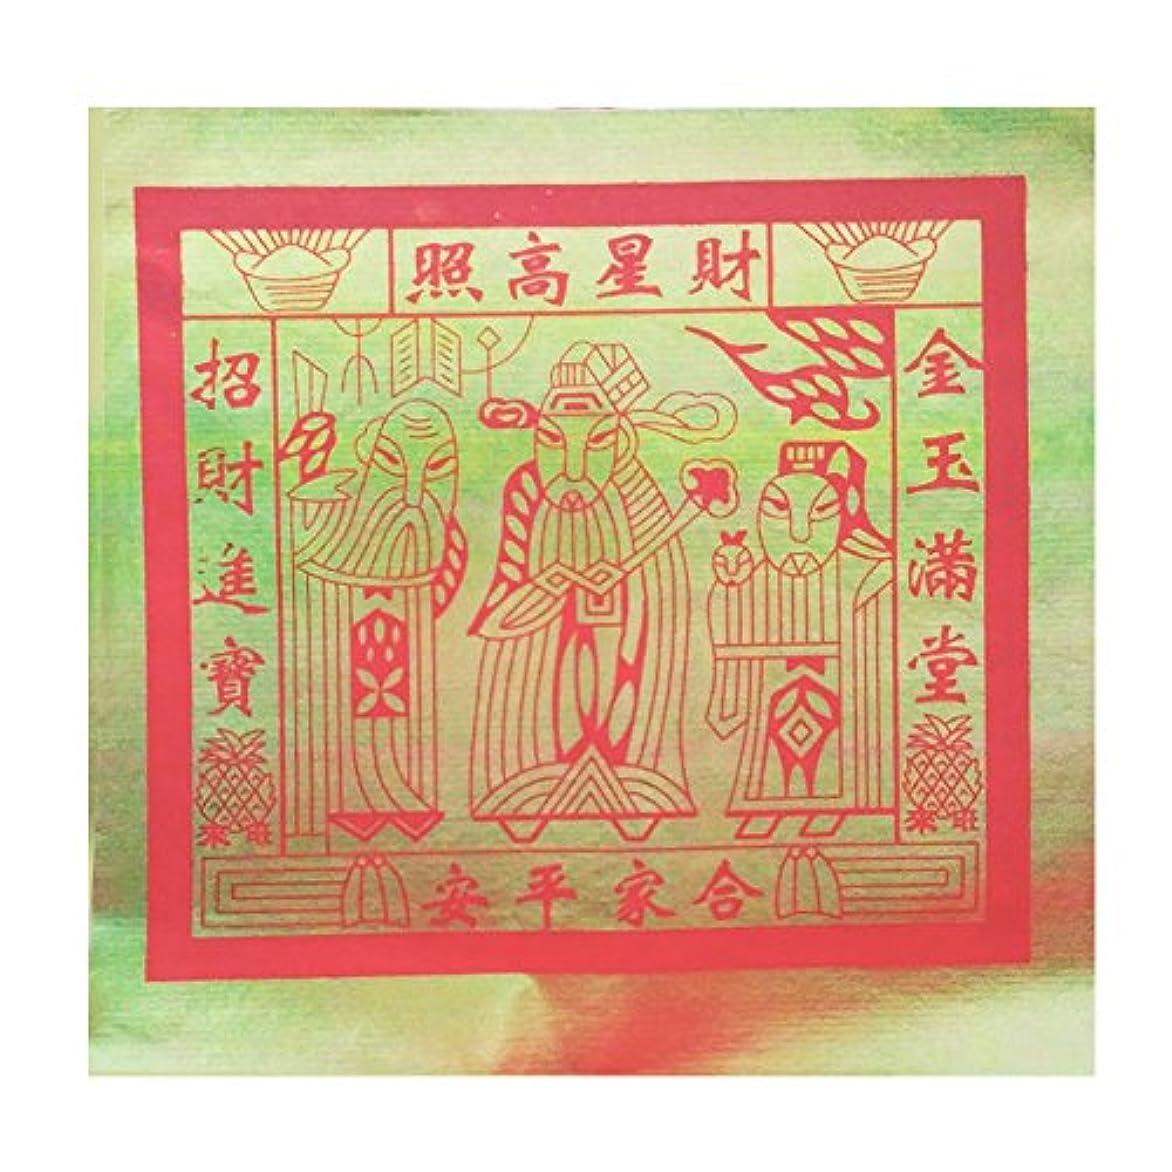 オプション等浴室100個Incense用紙/ Joss用紙with High Gradeフルゴールド箔サイズ中10.75インチx 10.4インチ